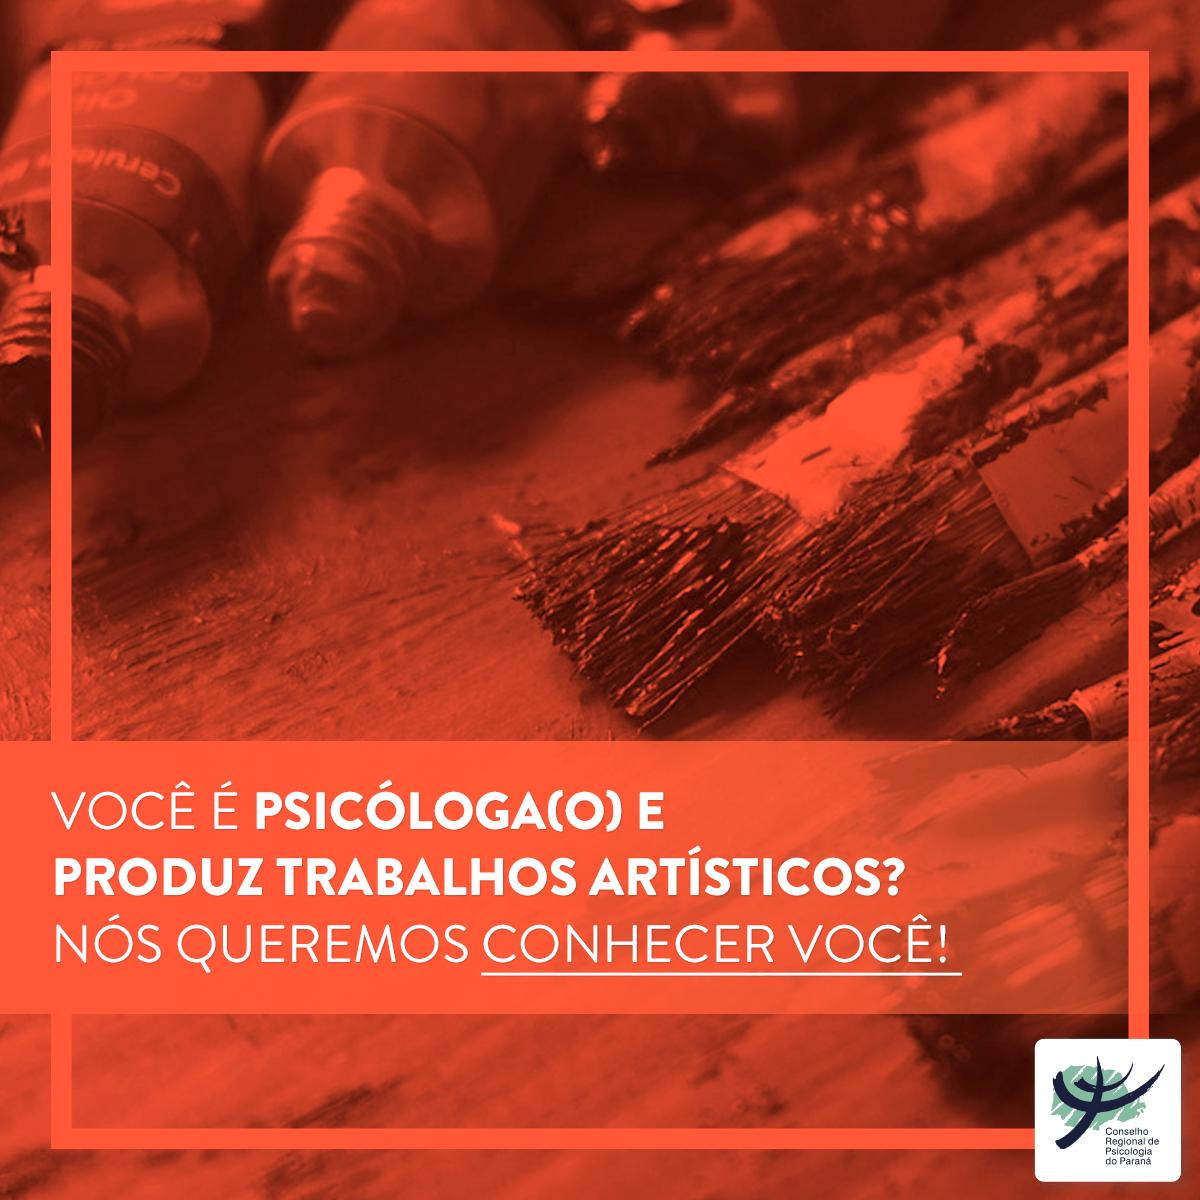 Você é Psicóloga(o) e produz trabalhos artísticos? Queremos conhecer você!